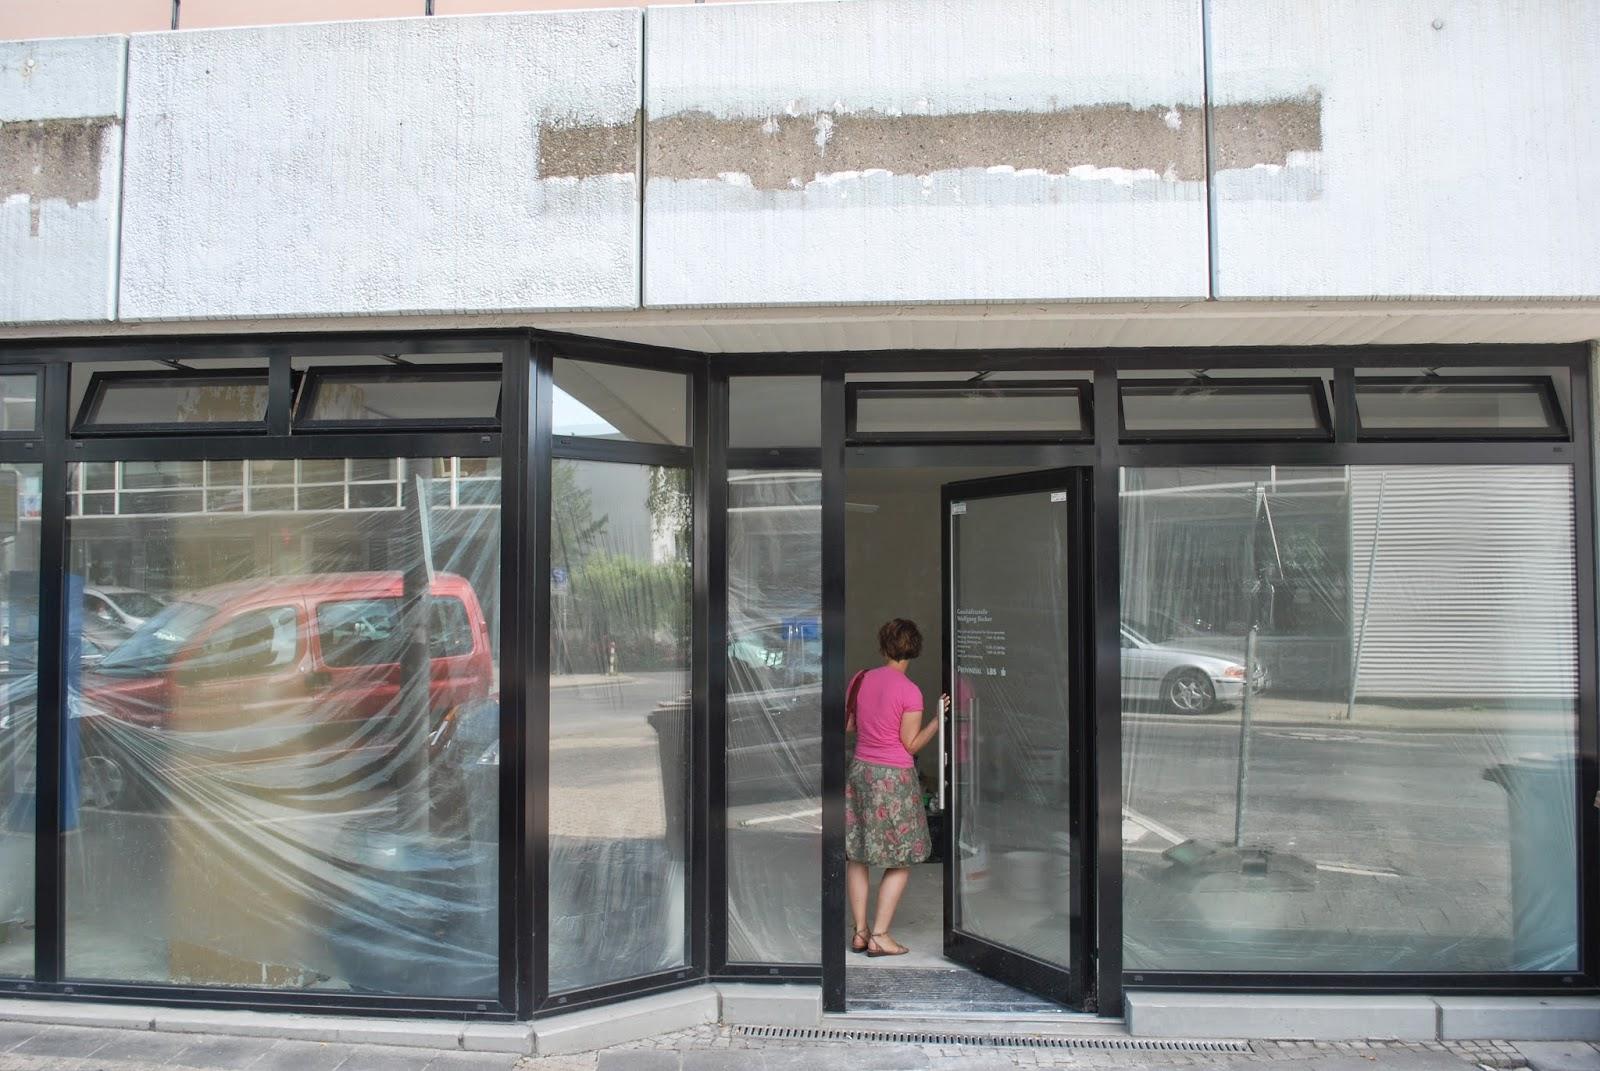 Front und Eingangsbereich vom Ladenlokal